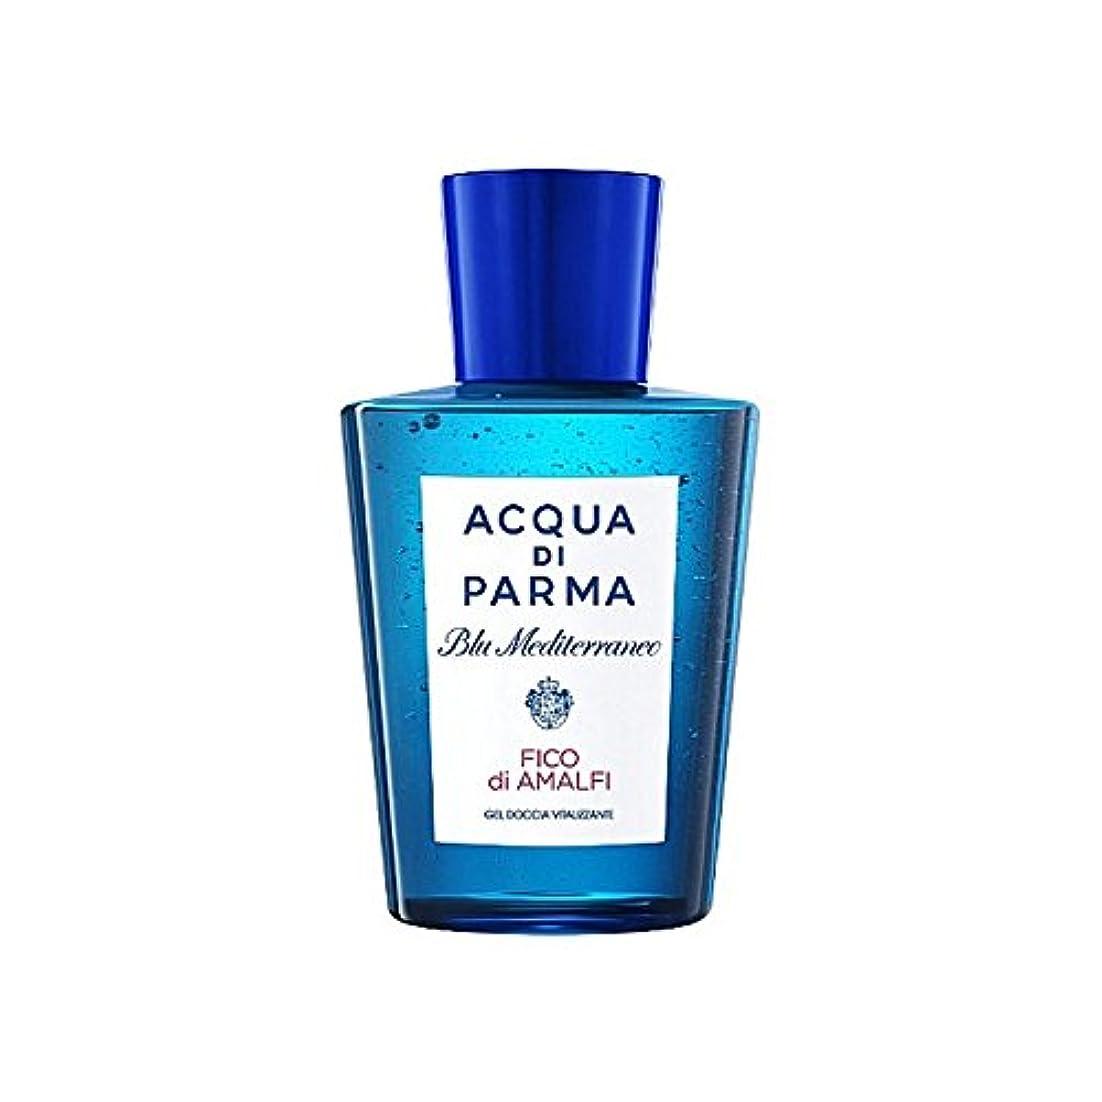 ドラム削除する空Acqua Di Parma Blu Mediterraneo Fico Di Amalfi Shower Gel 200ml - アクアディパルマブルーメディジアマルフィシャワージェル200 [並行輸入品]